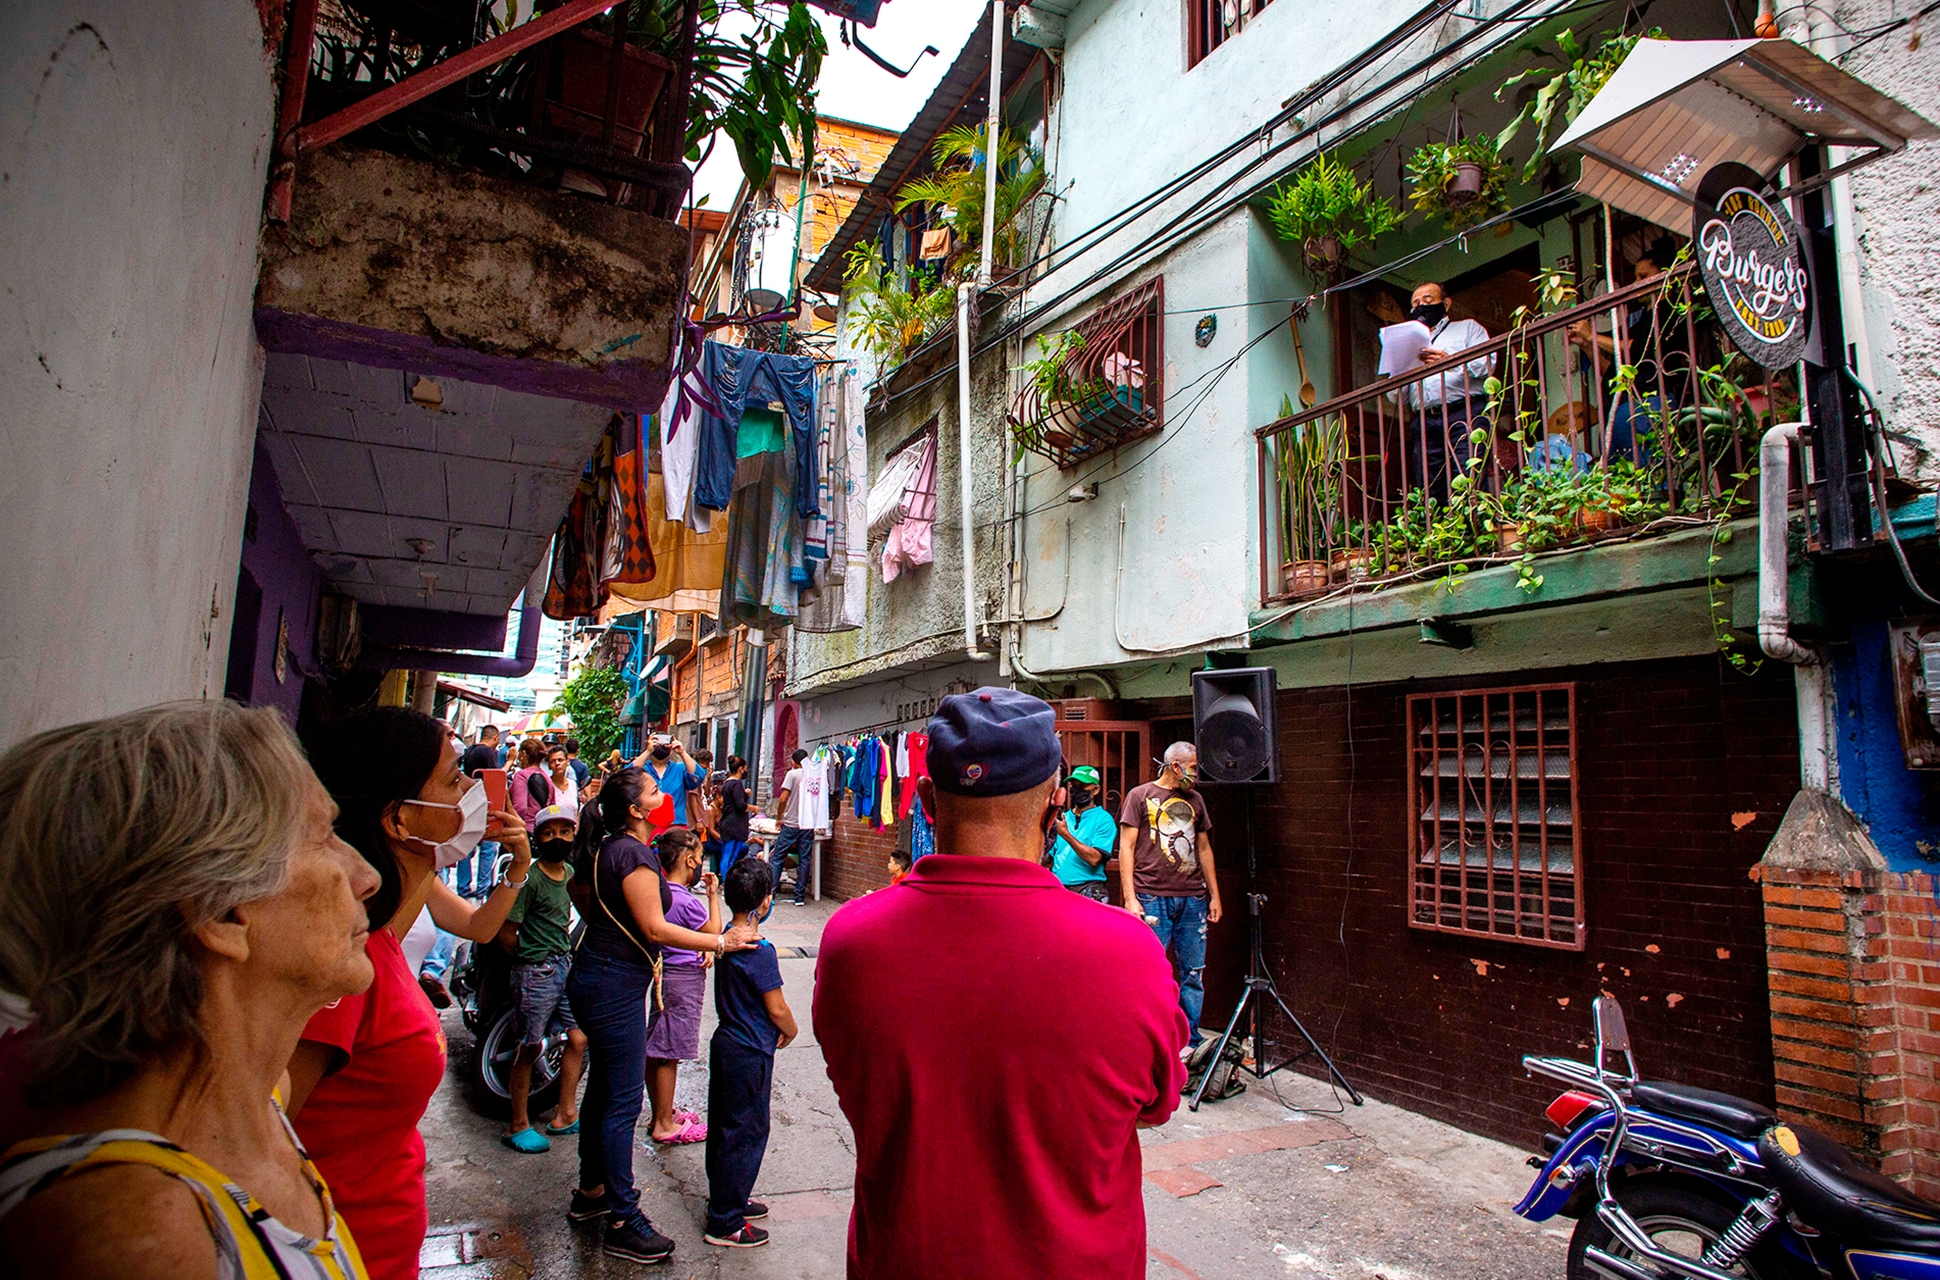 bus tv Seguiremos_informando_El_Bus_TV_el_periodismo_en_Venezuela_que_vence_la_censura_Liza_López_Reportajes_Gatopardo_216 4